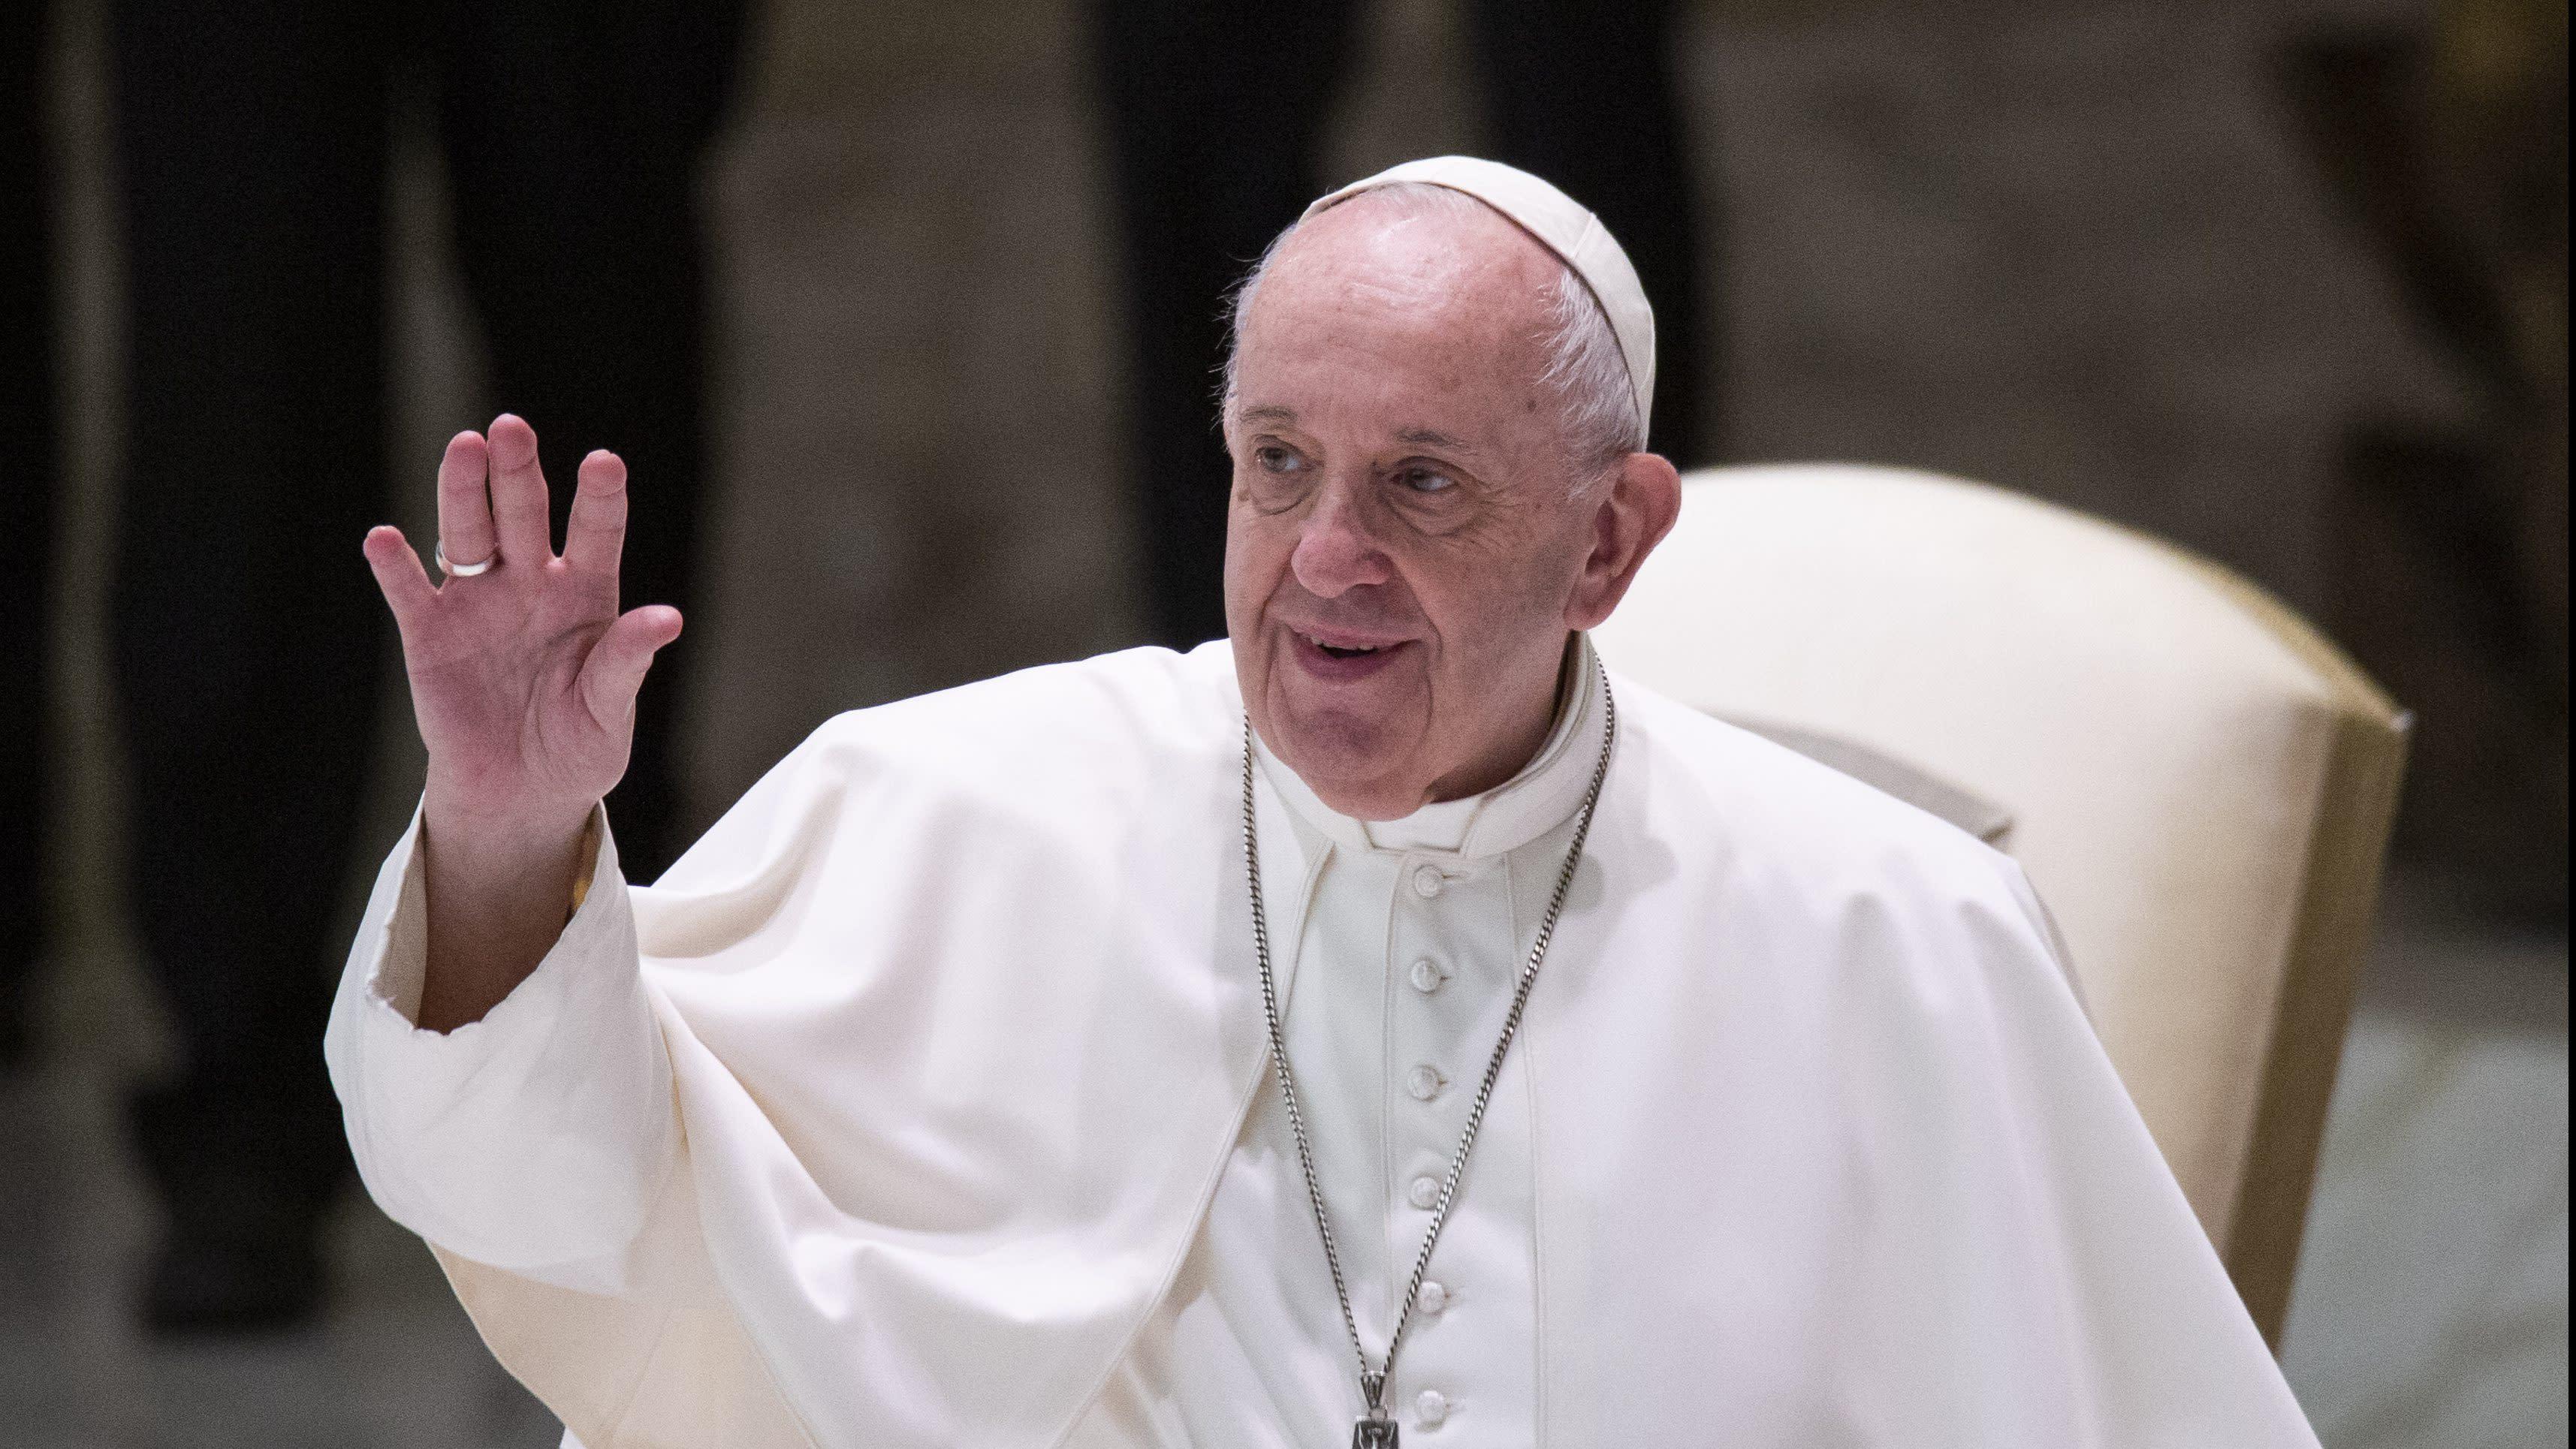 Thông cáo Tòa Thánh: Đức Thánh Cha Phanxicô trả lời về hôn nhân đồng tính